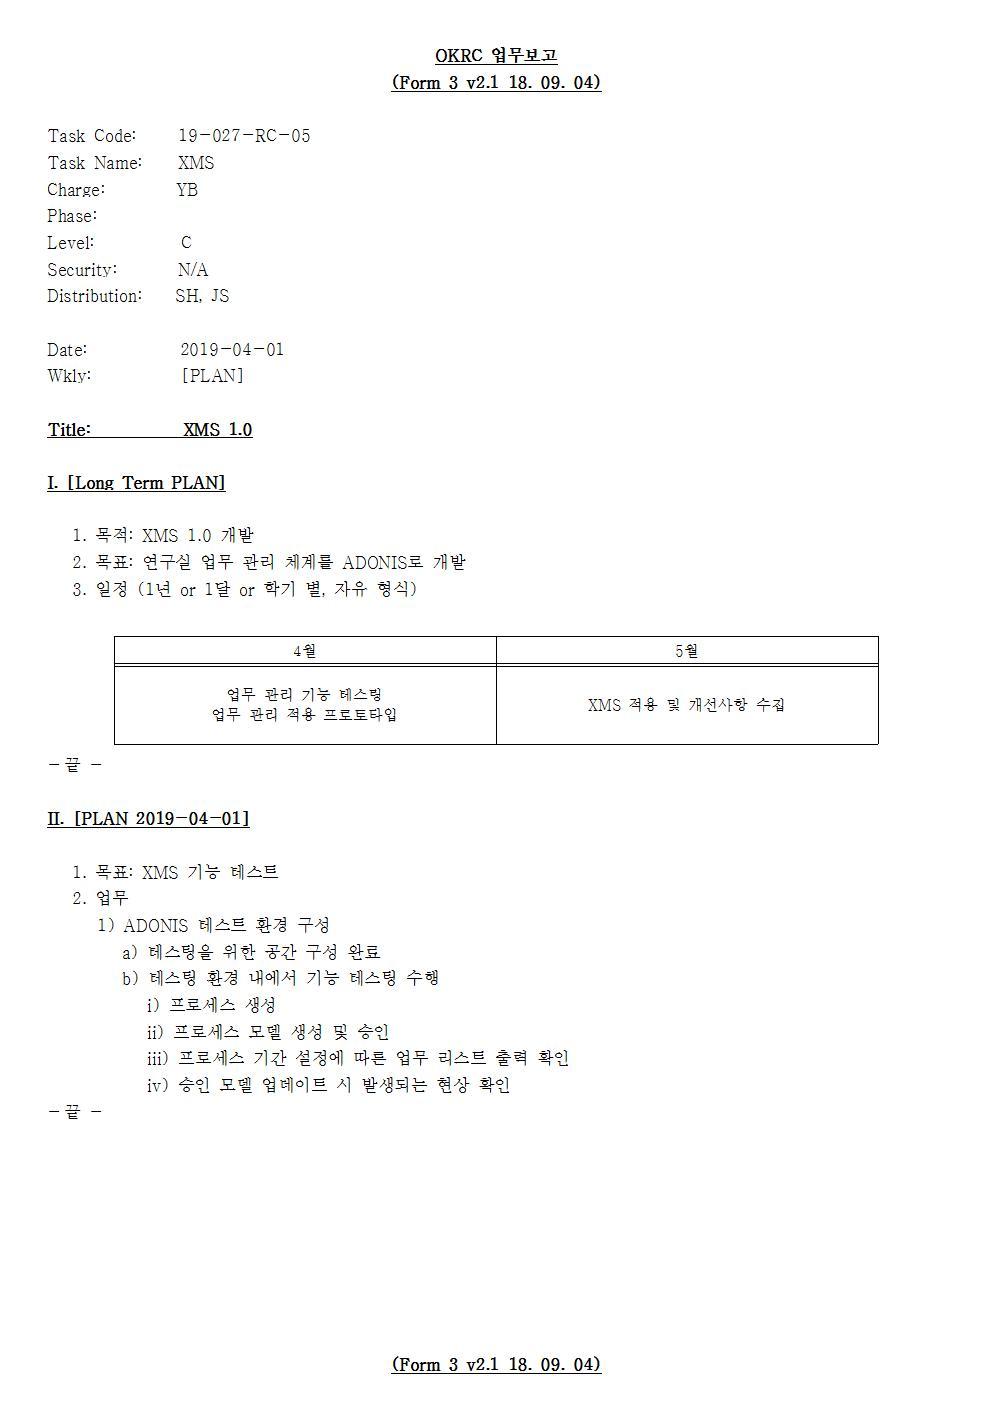 D-[19-027-RC-05]-[XMS]-[2019-04-01][YB]001.jpg